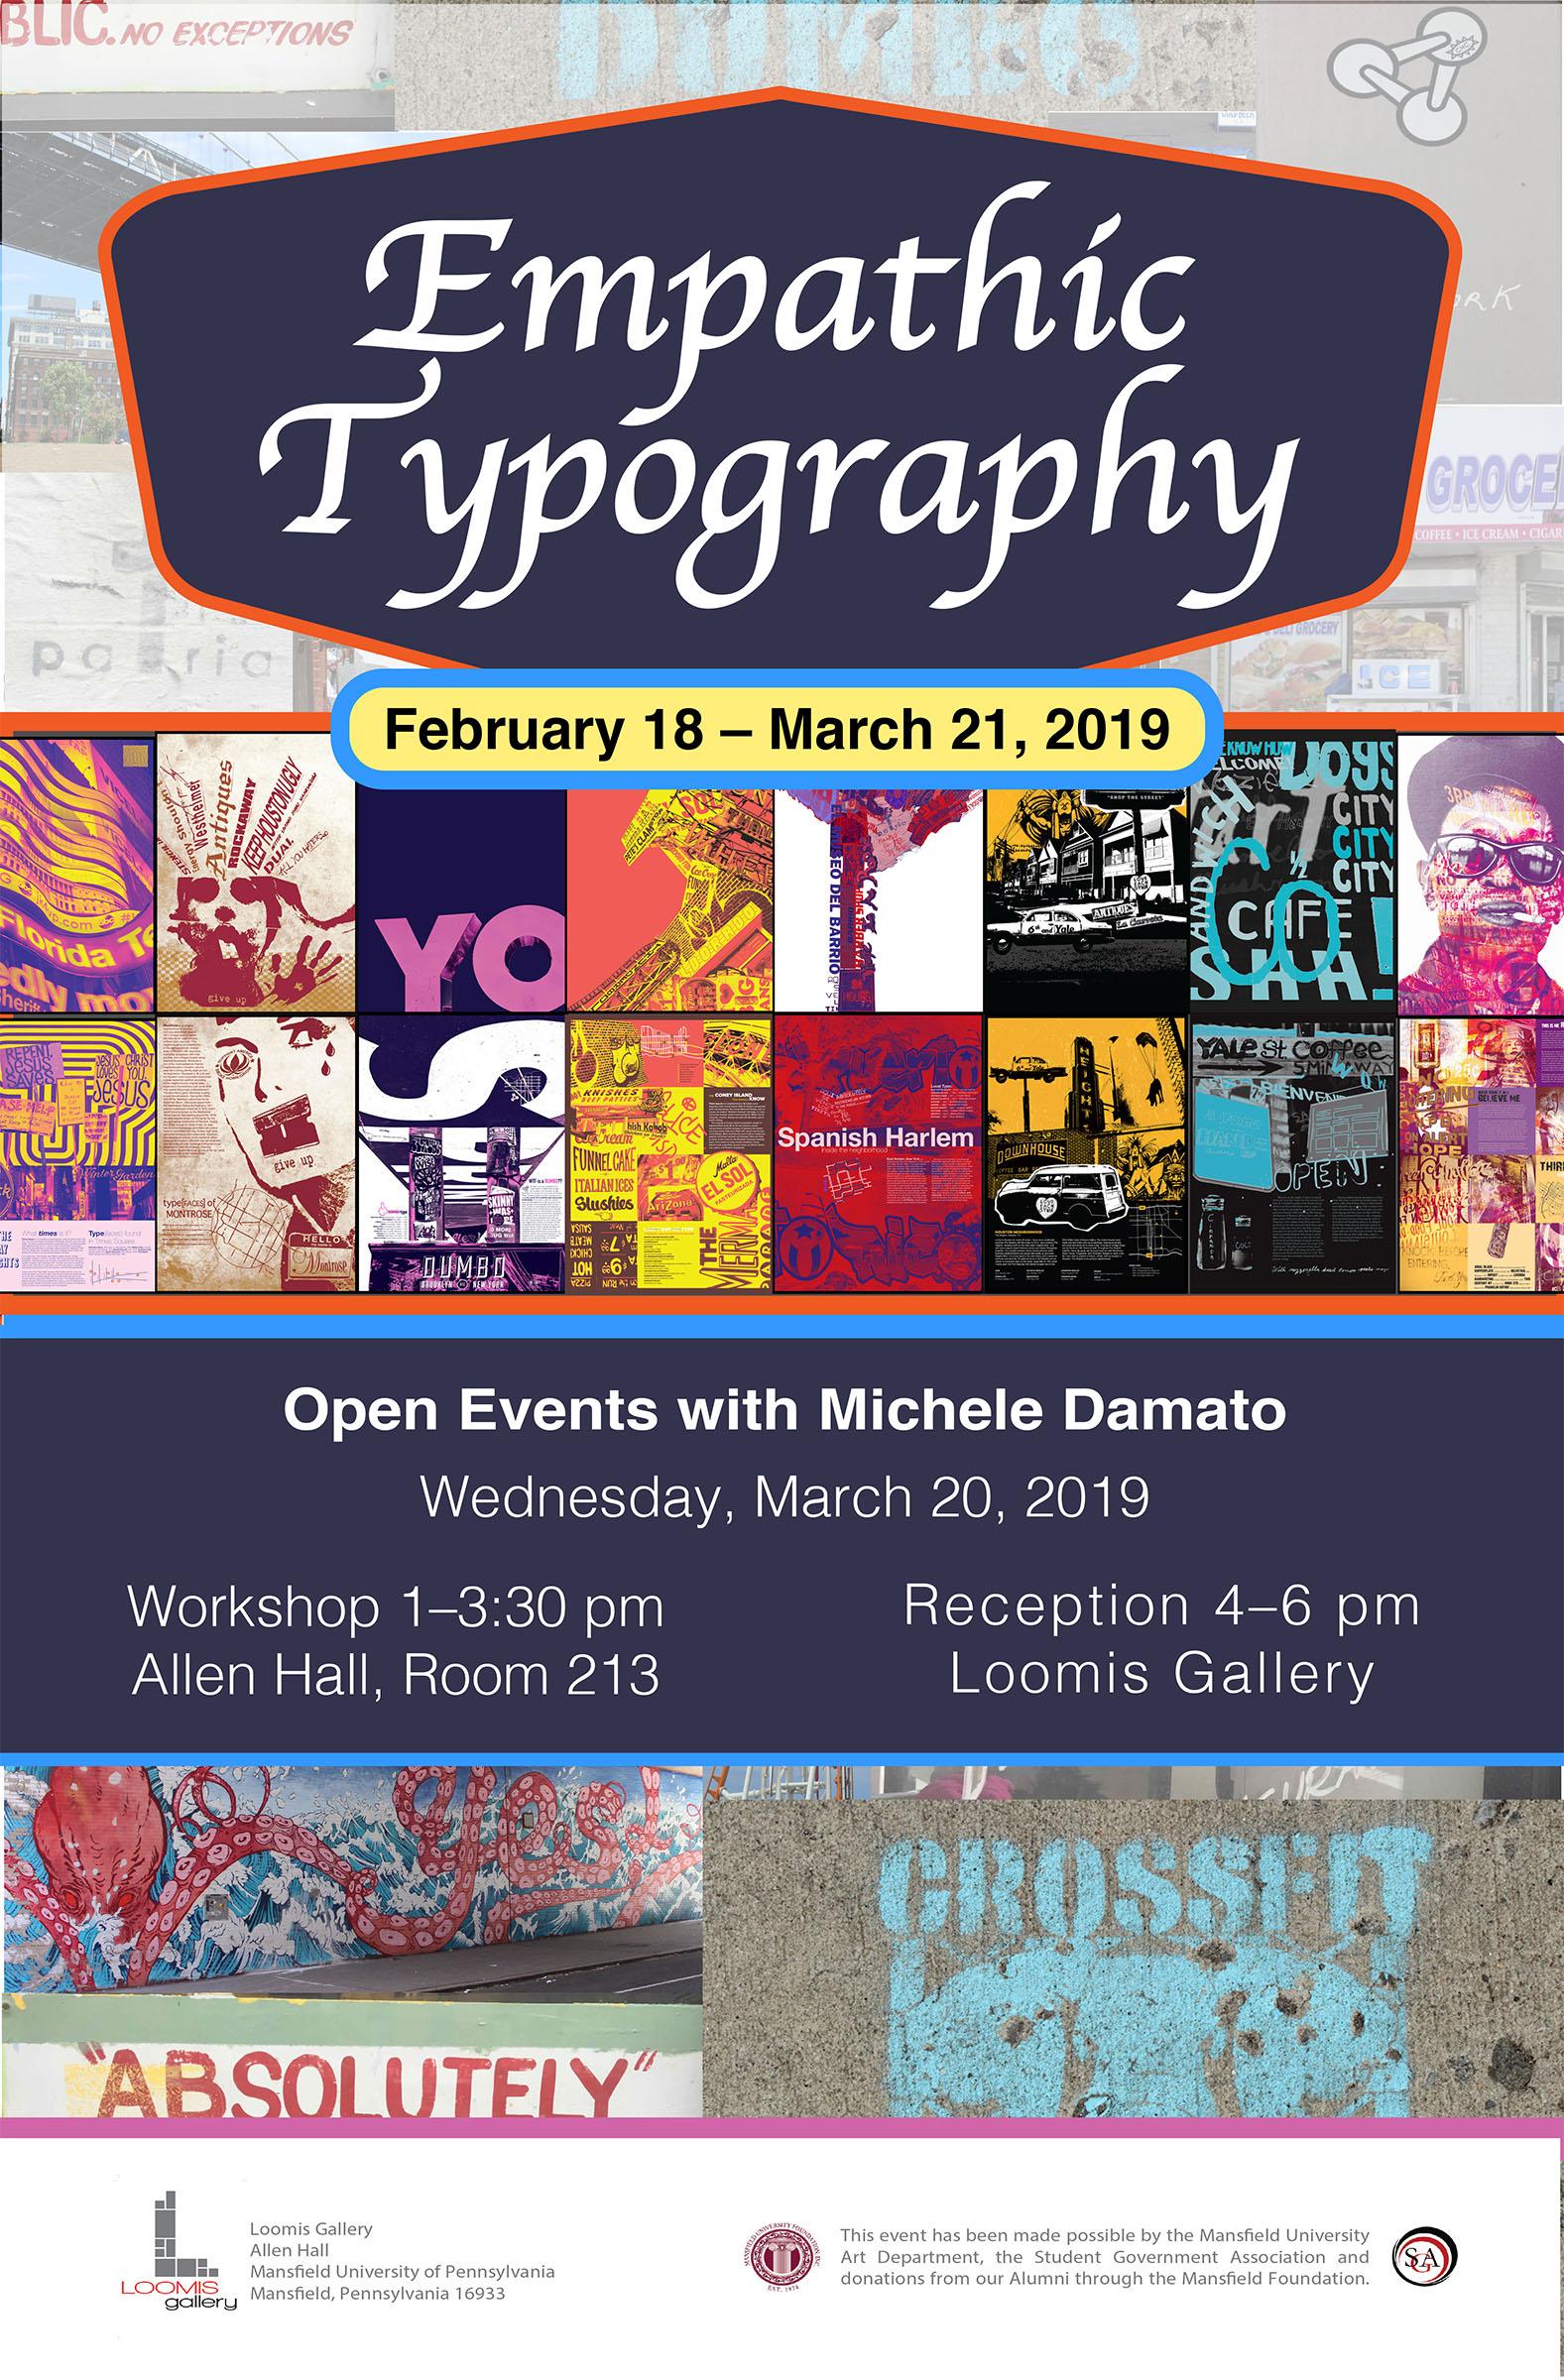 Empathic Typography